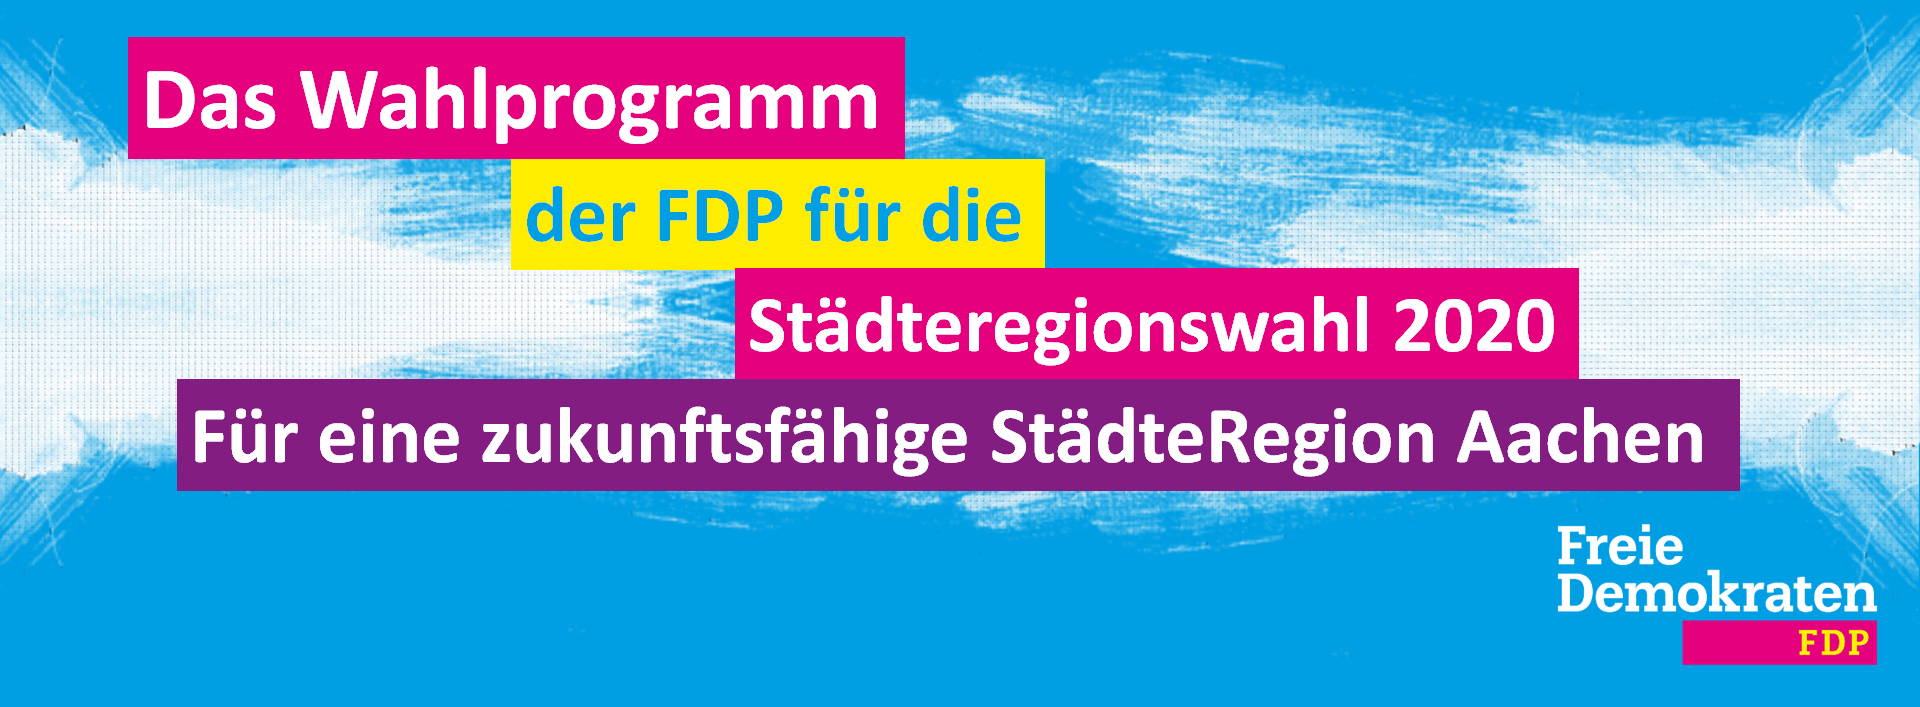 Das Wahlprogramm der Freien Demokraten für die StädteRegion Aachen